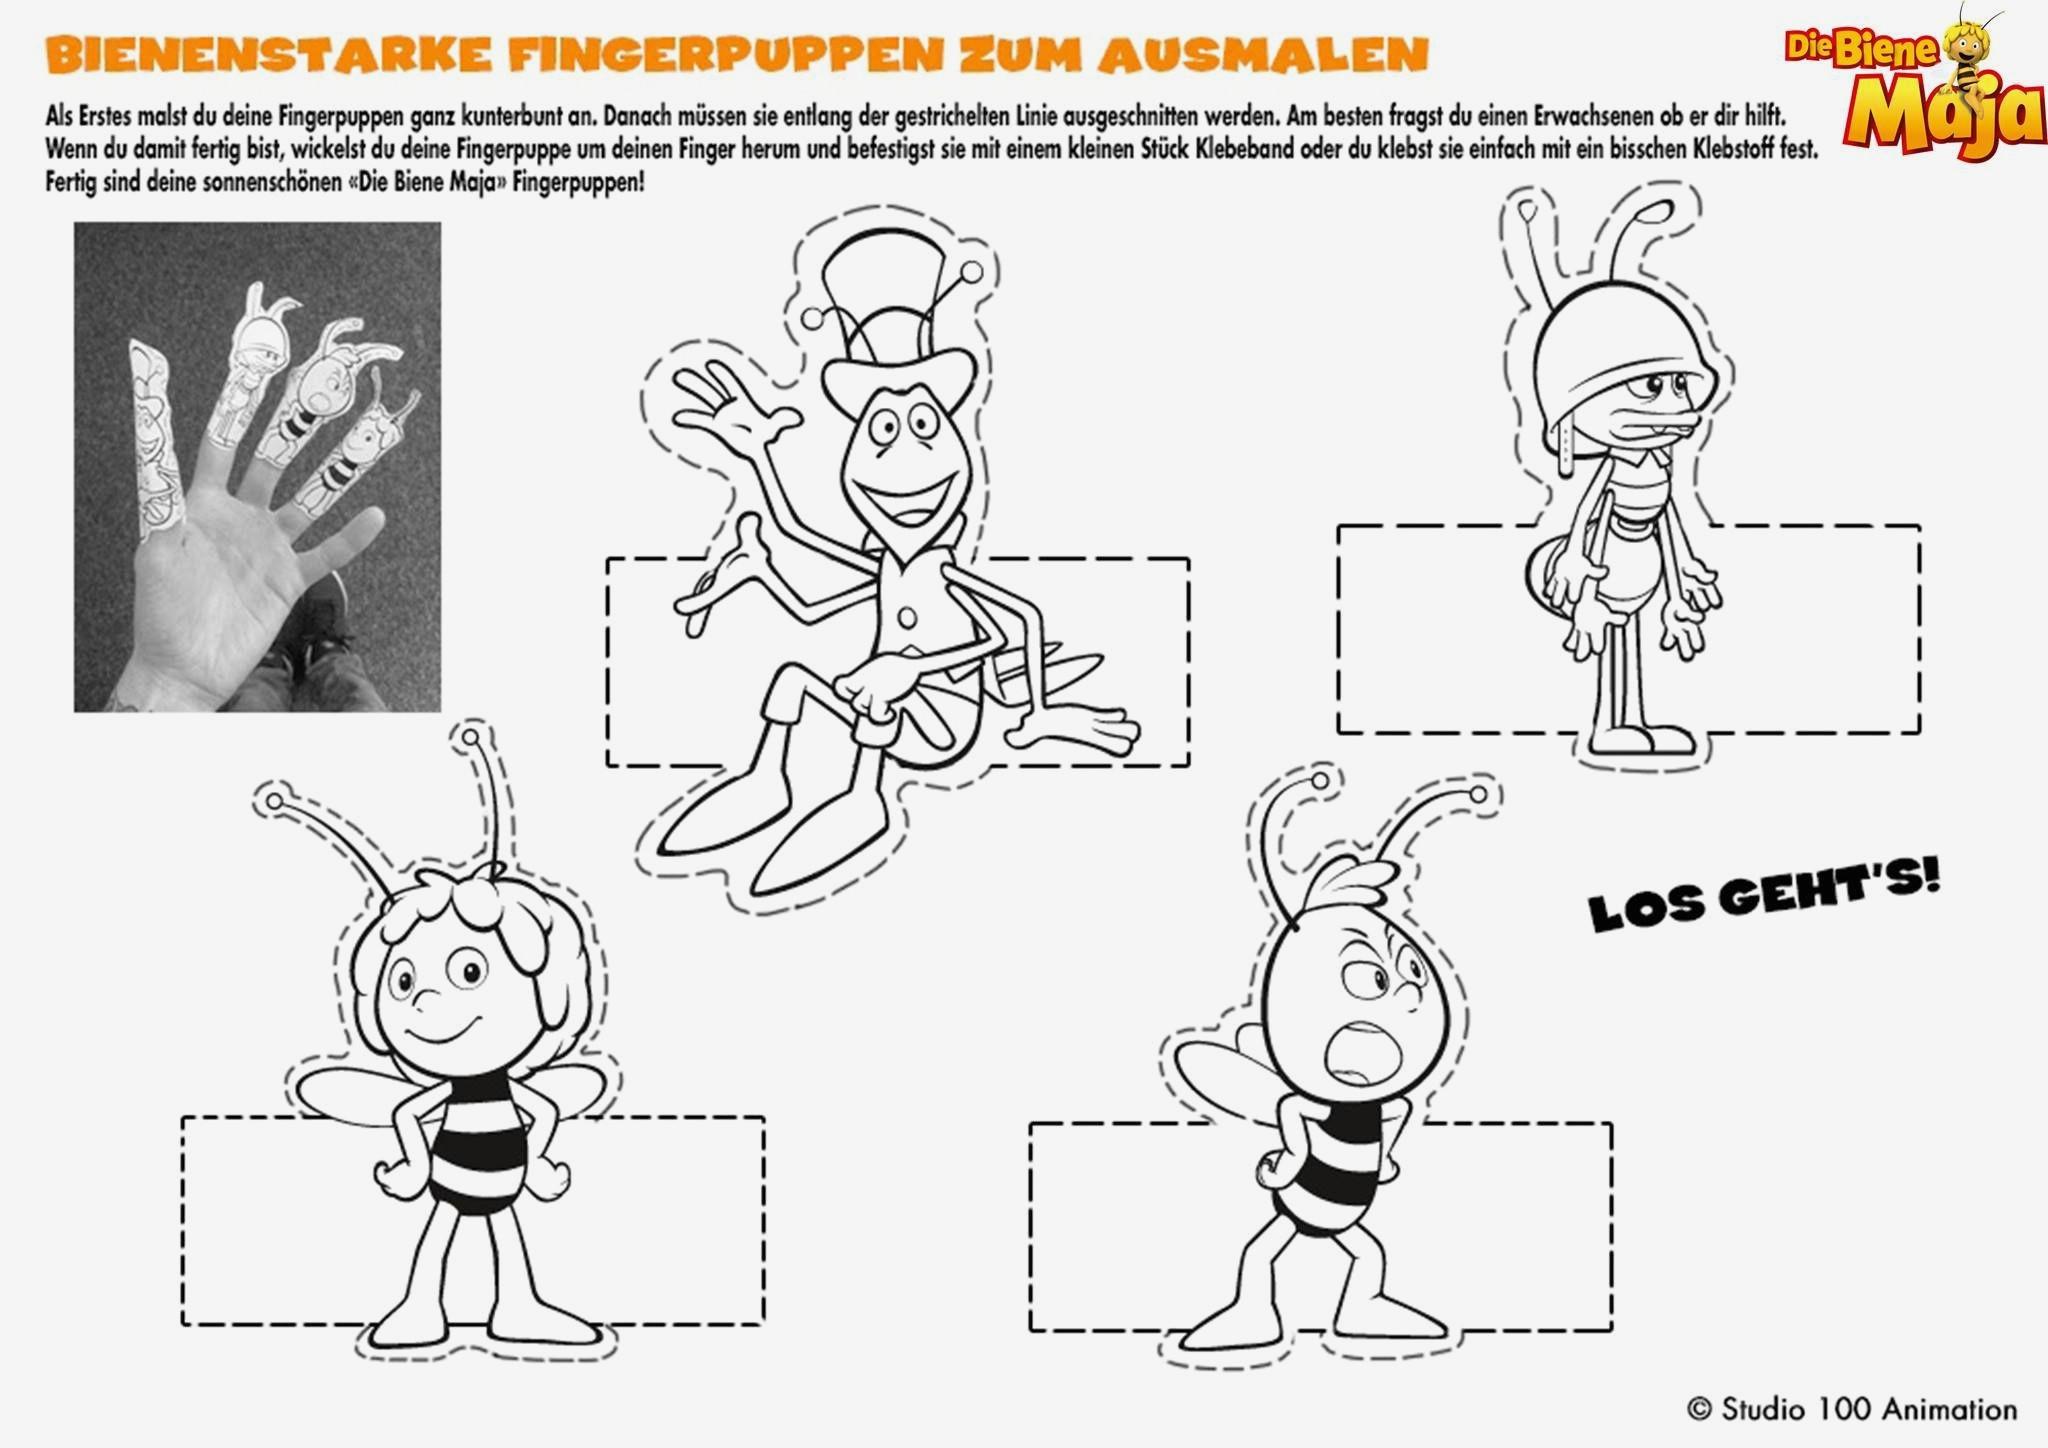 Malvorlagen Biene Maja Frisch Eine Sammlung Von Färbung Bilder Ausmalbilder Yakari Das Bild